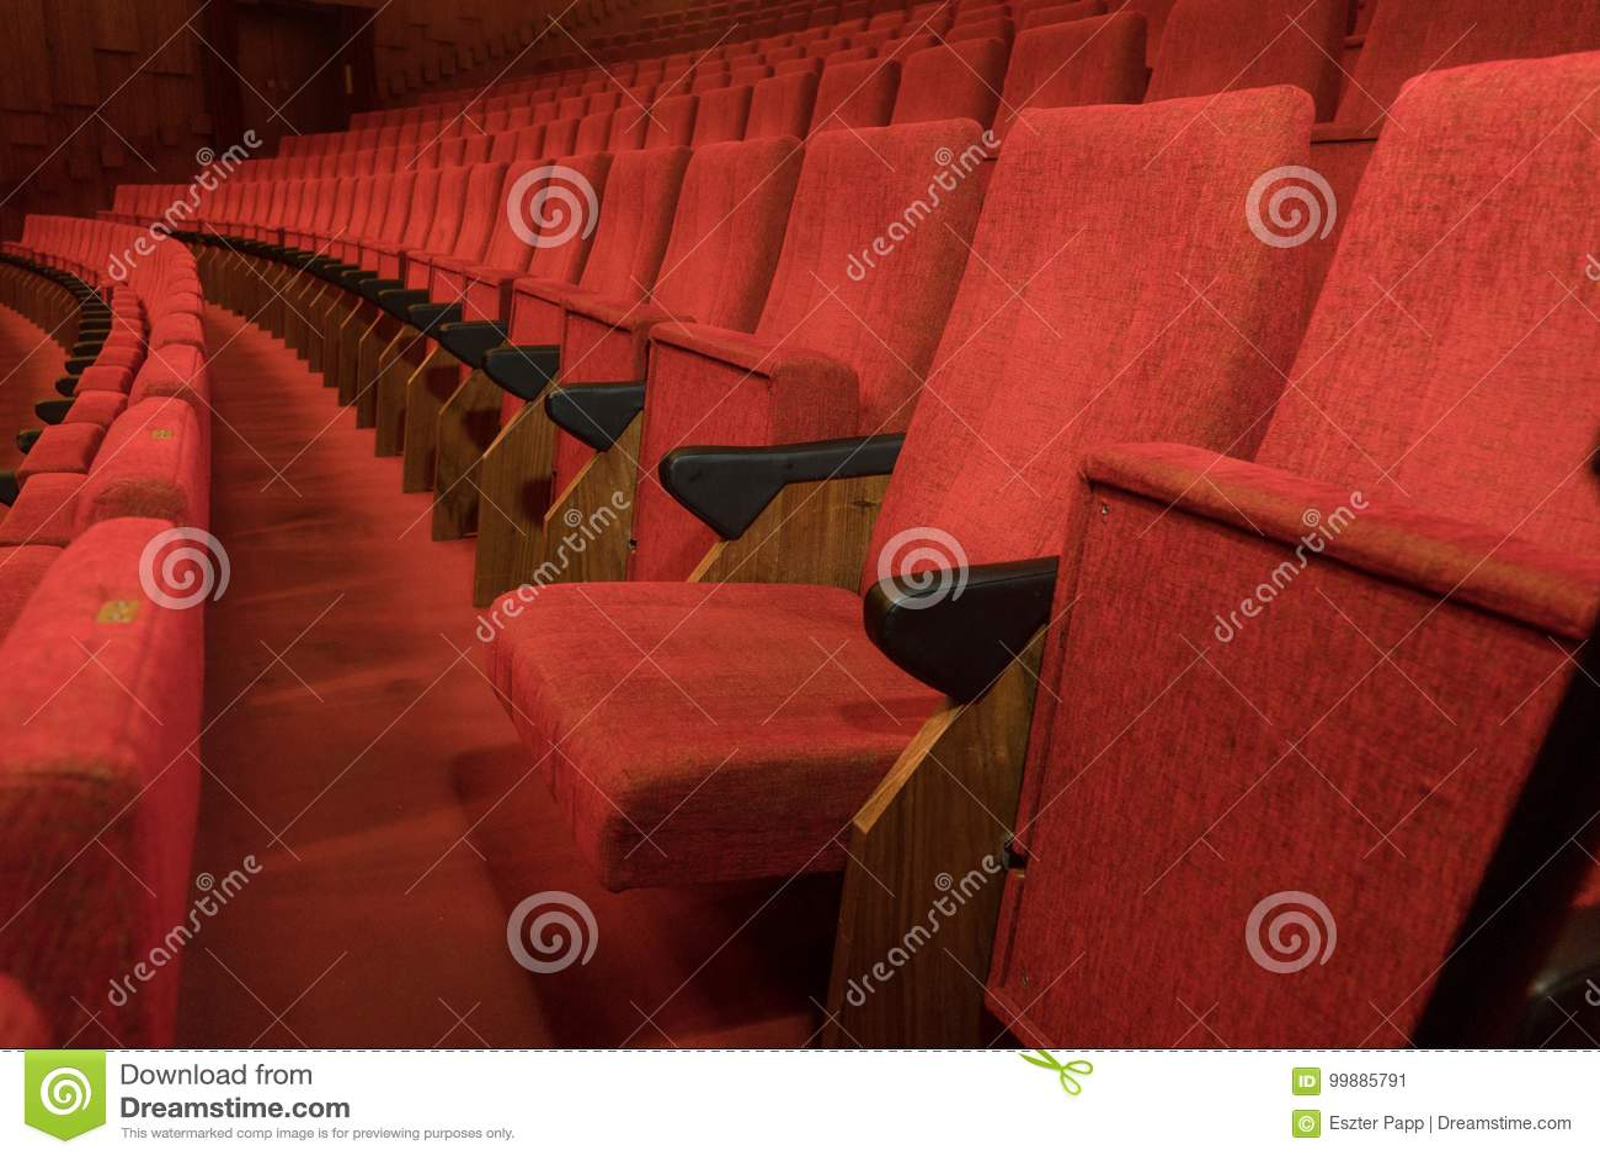 Neem uw zetel - theaterstoelen